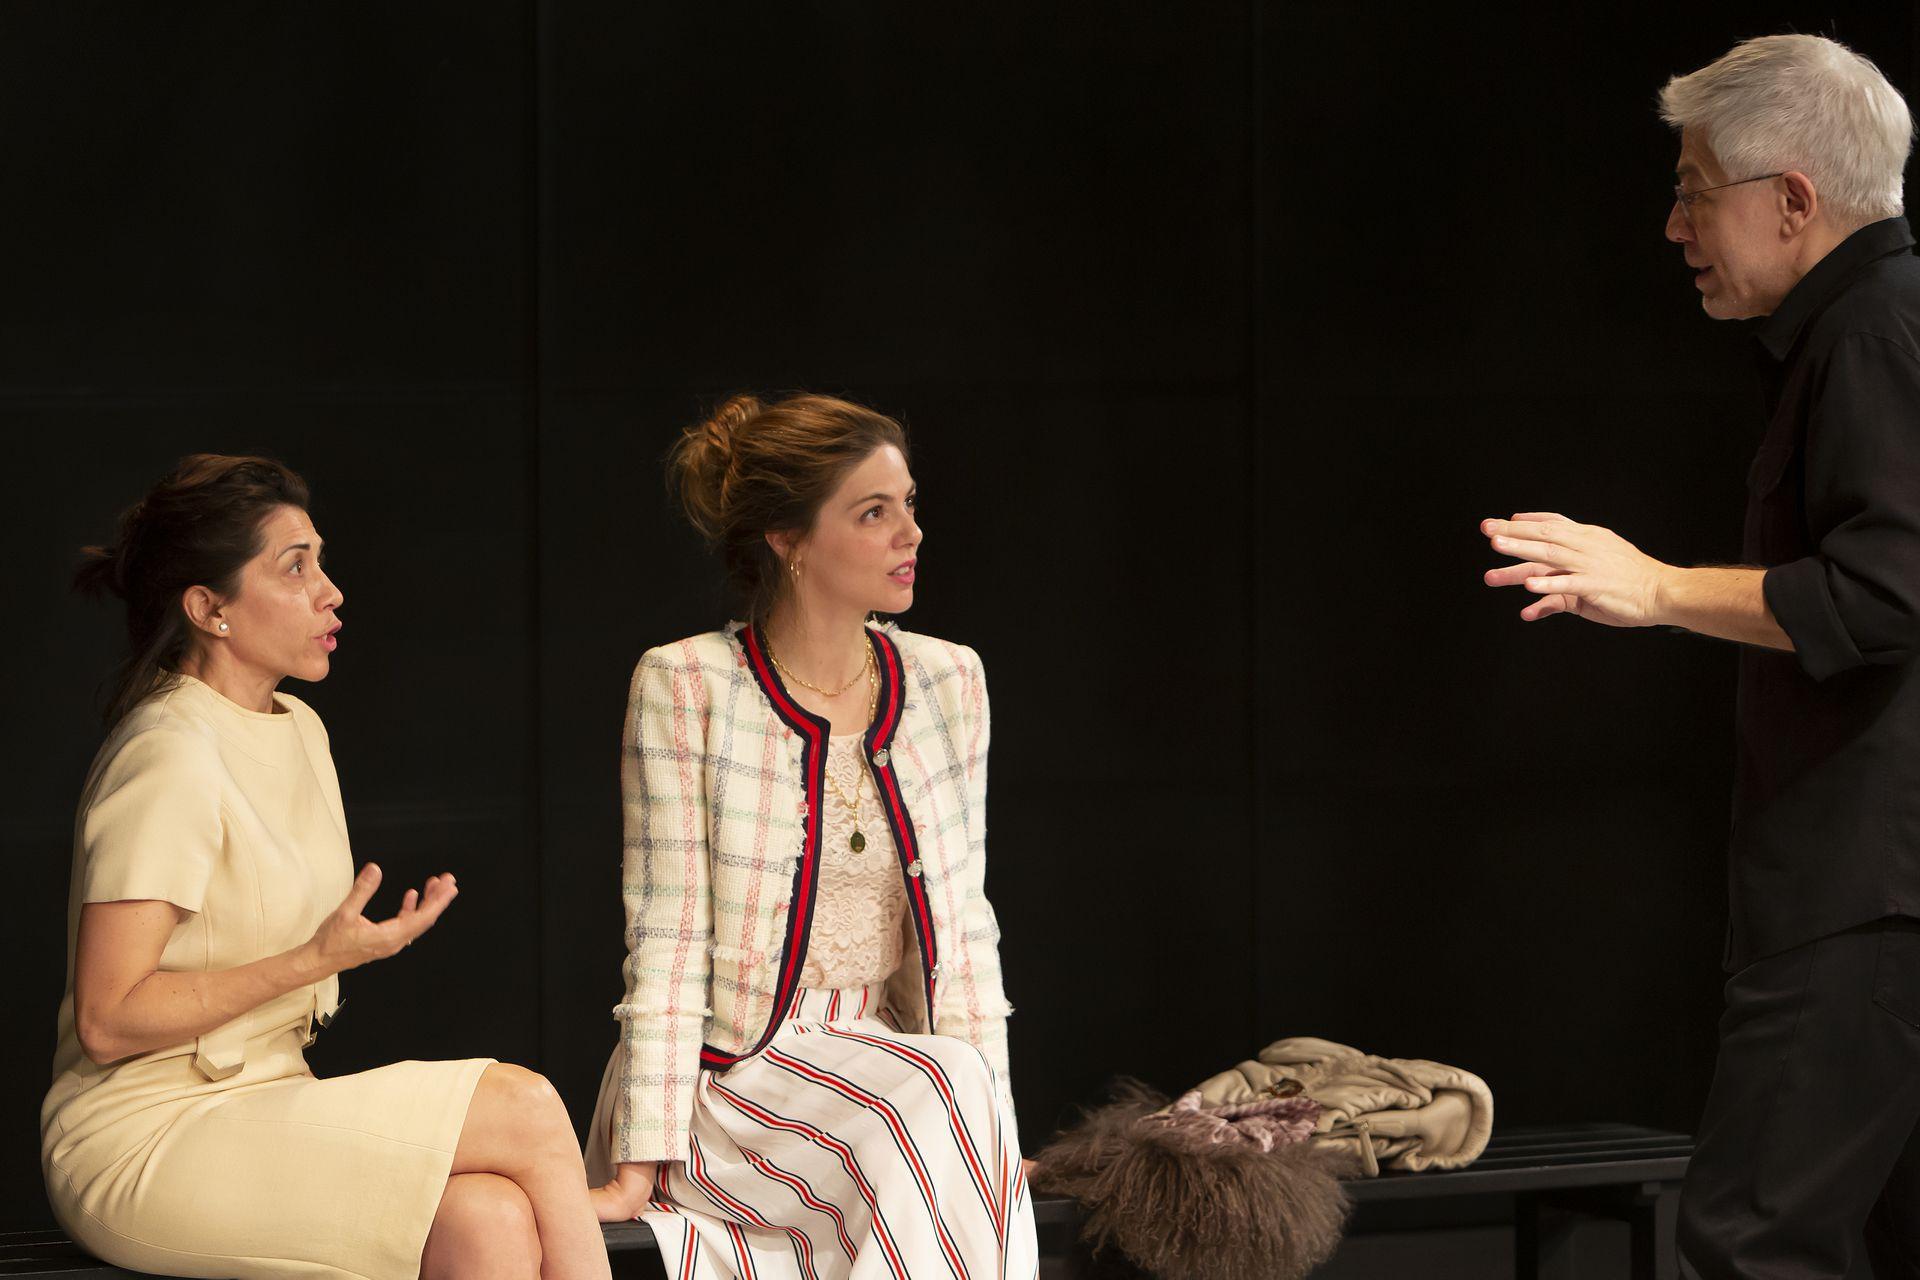 Alicia Borrachero y Manuela Velasco escuchan con atención al maestro Corazza